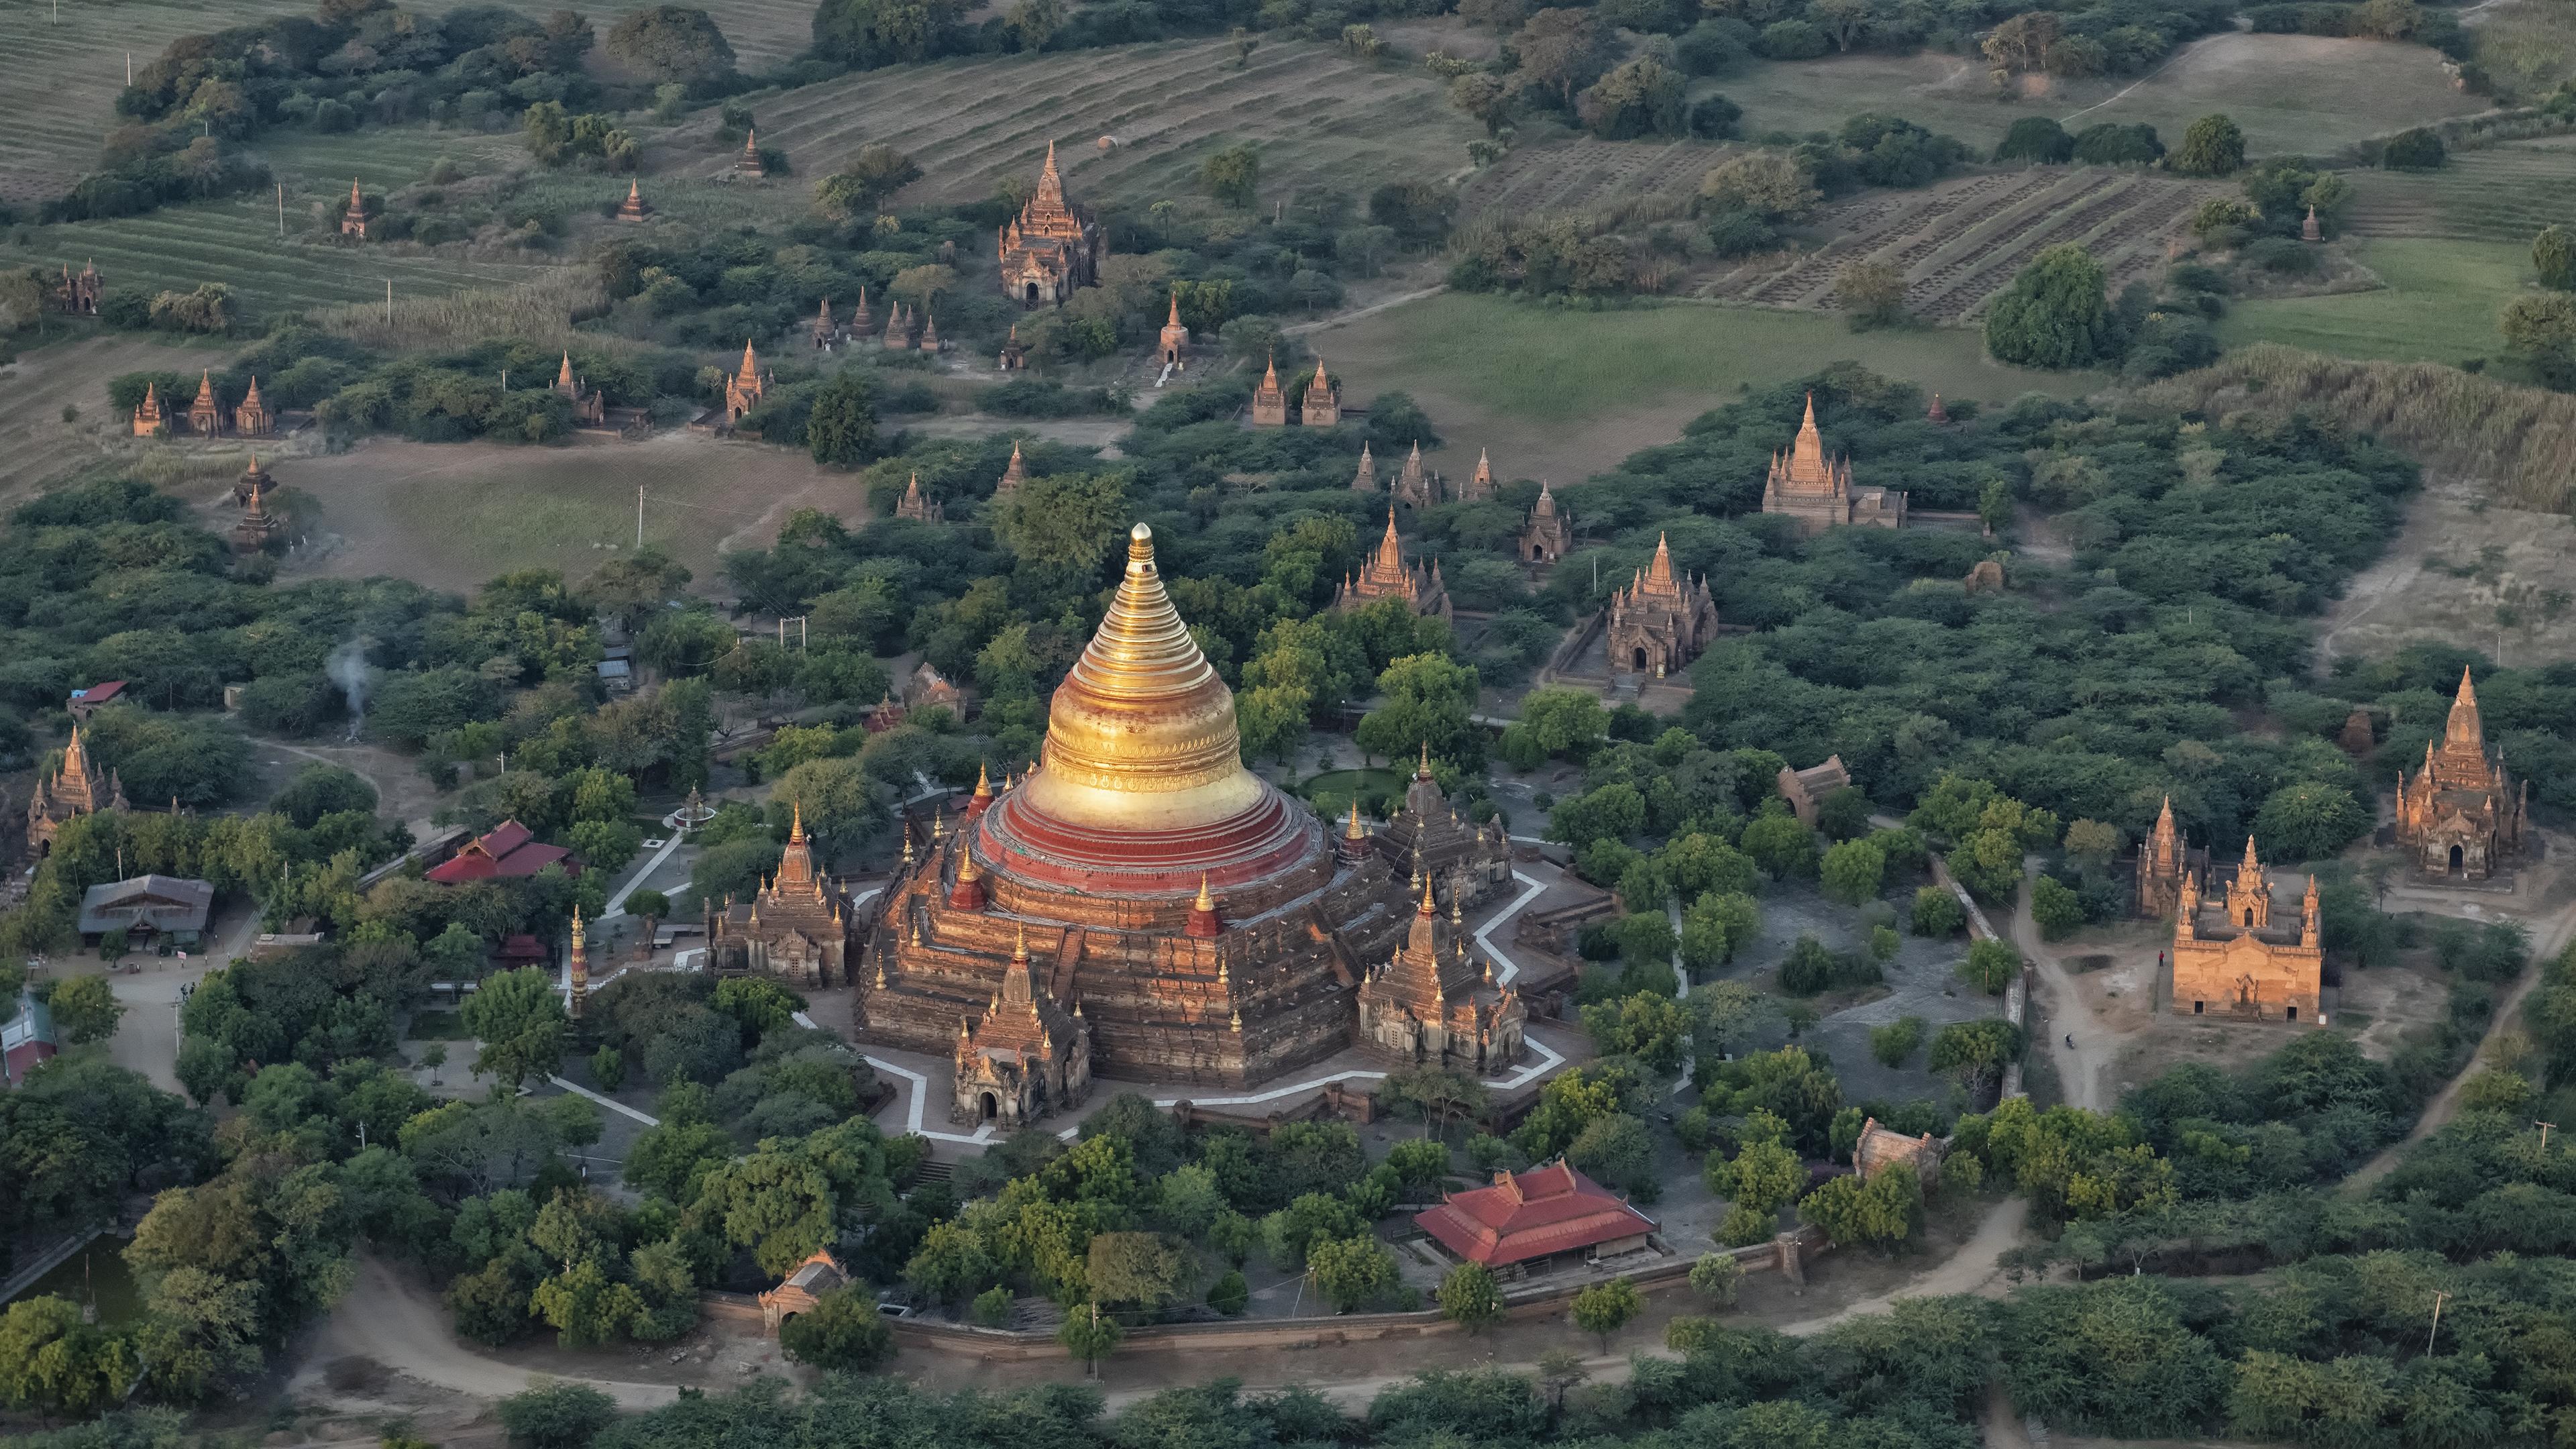 UHD_Myanmar_Bagan_RJL0491_